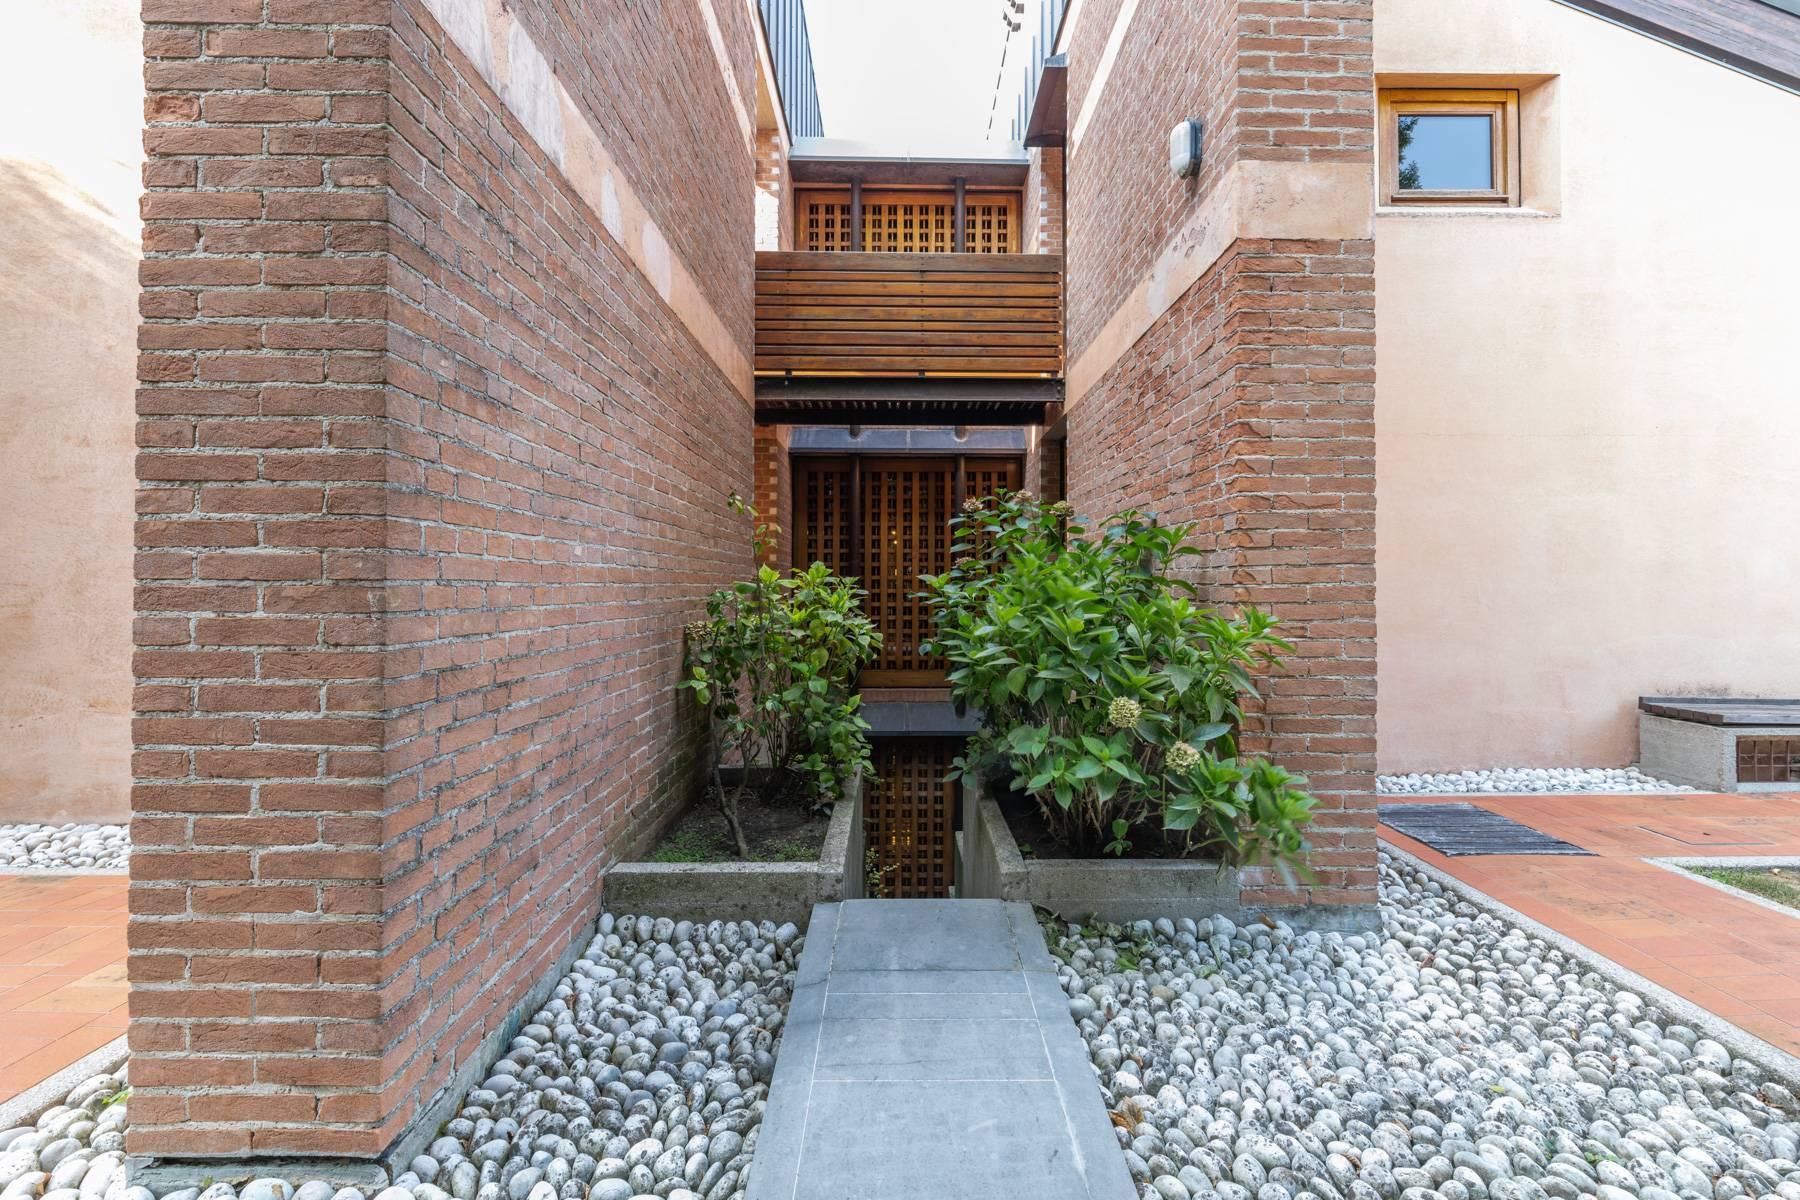 Raffinata Villa d'autore con giardino ed opere d'arte nel centro della città - 24